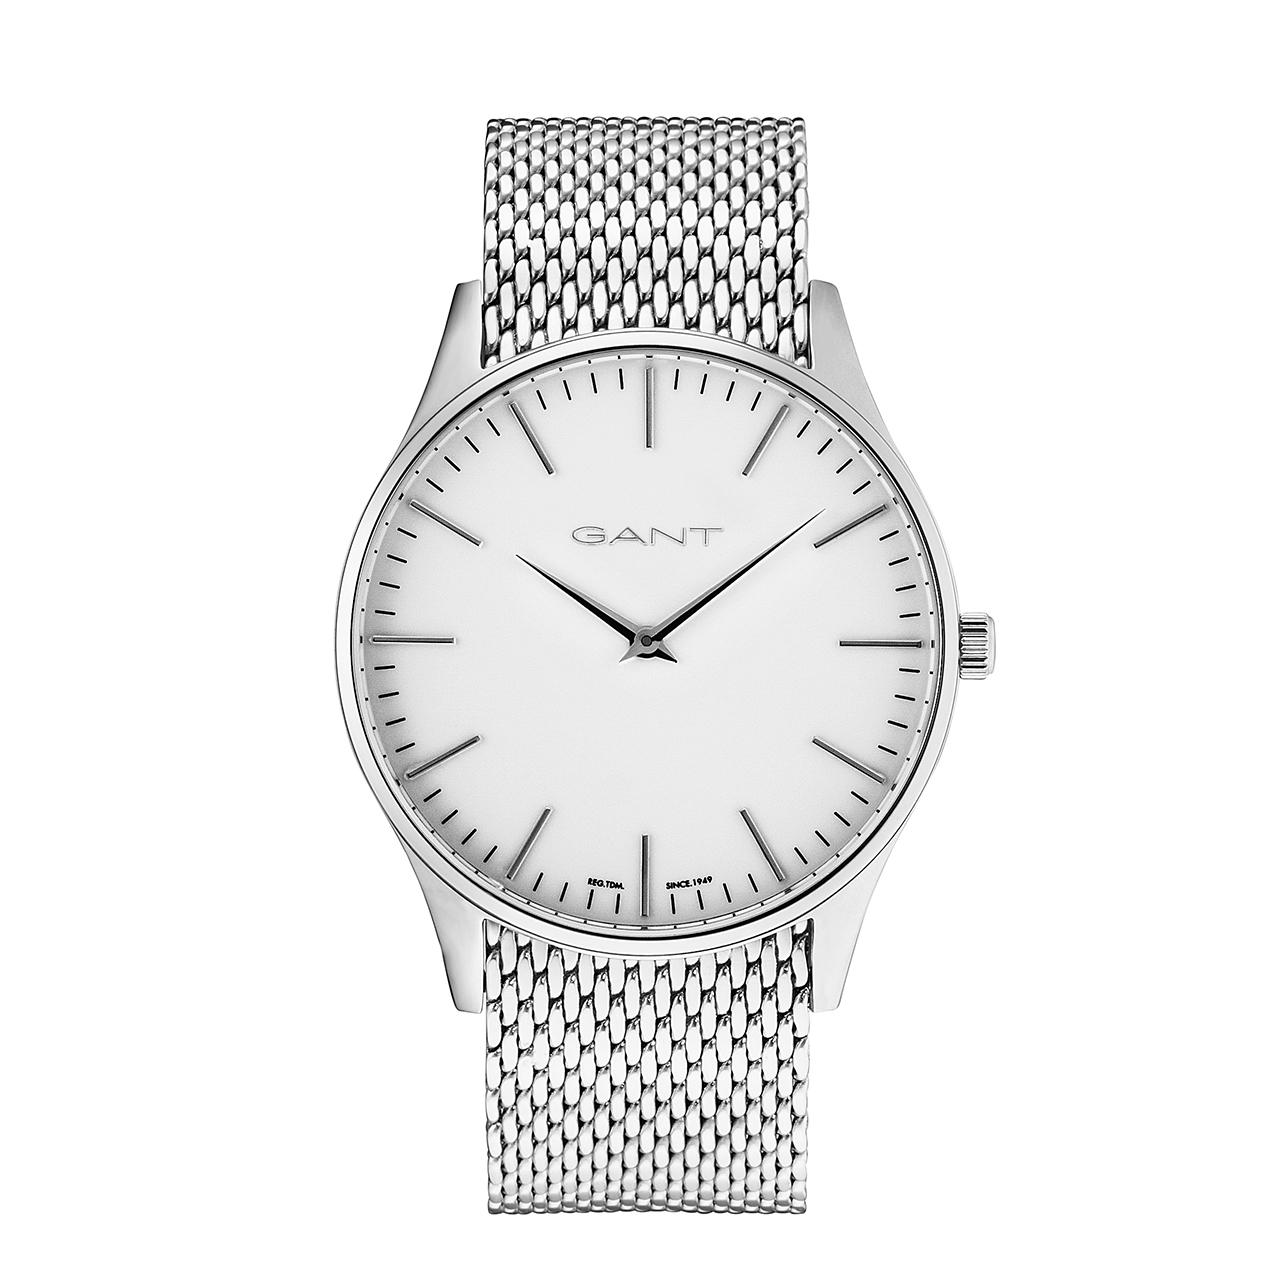 ساعت  گنت مدل GW044001